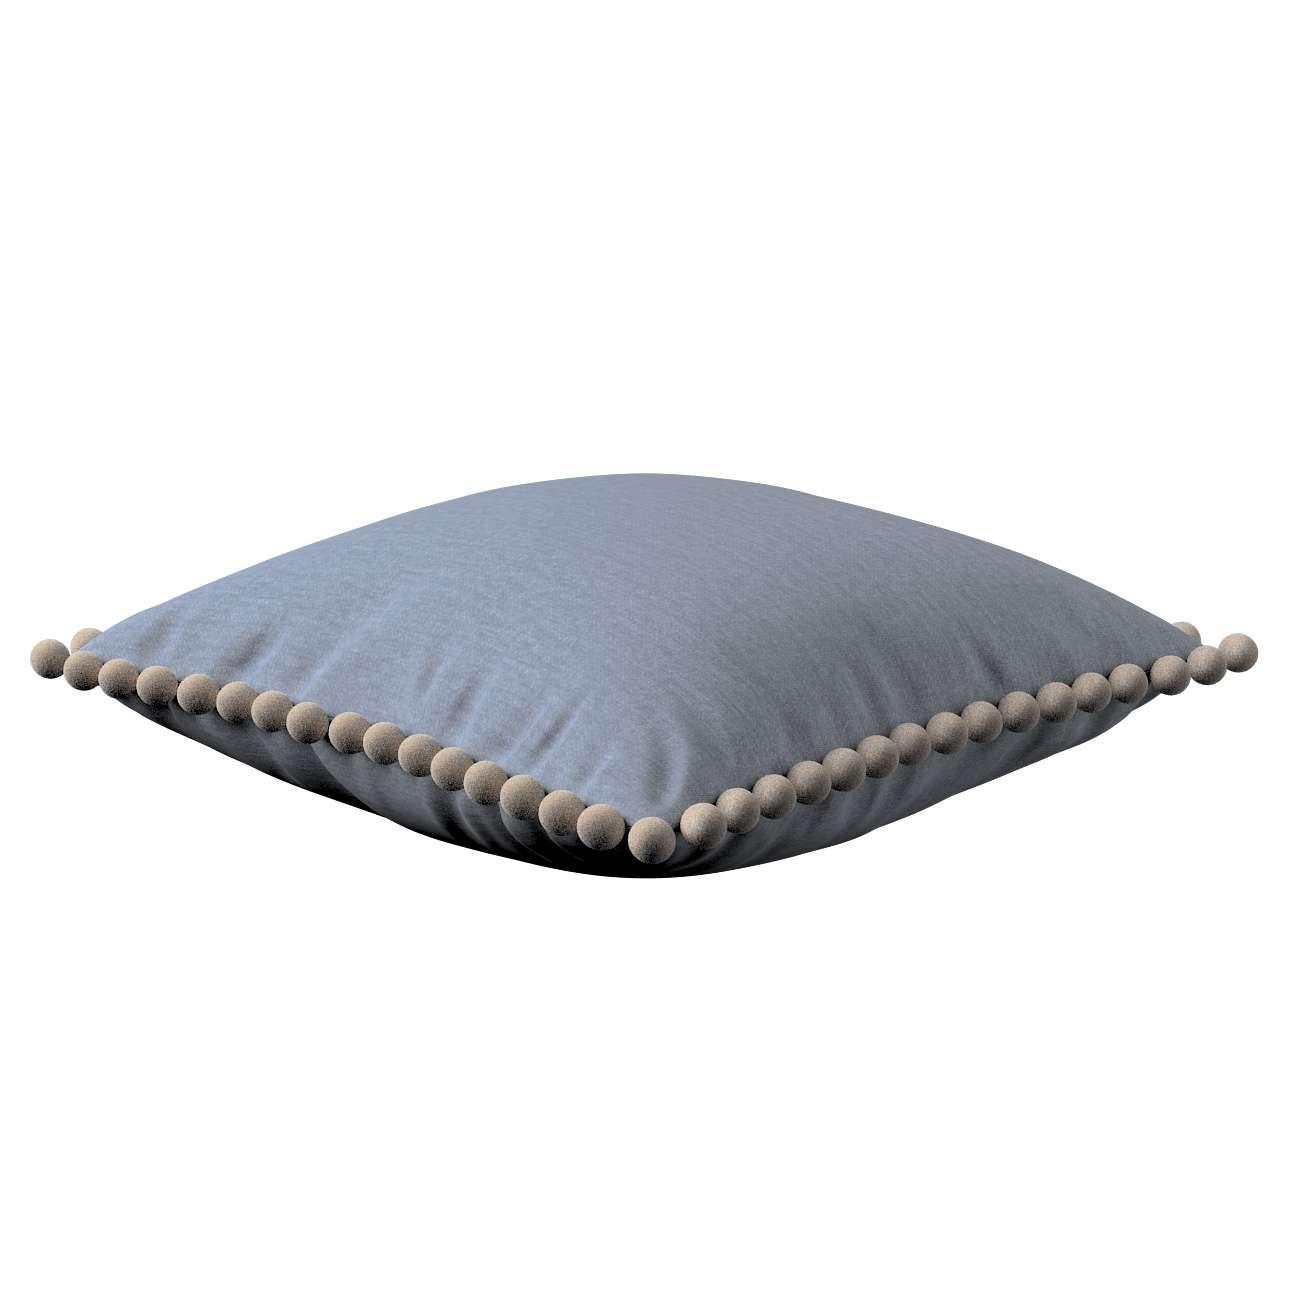 Wera dekoratyvinės pagalvėlės su žaismingais kraštais 45 x 45 cm kolekcijoje Chenille, audinys: 702-13